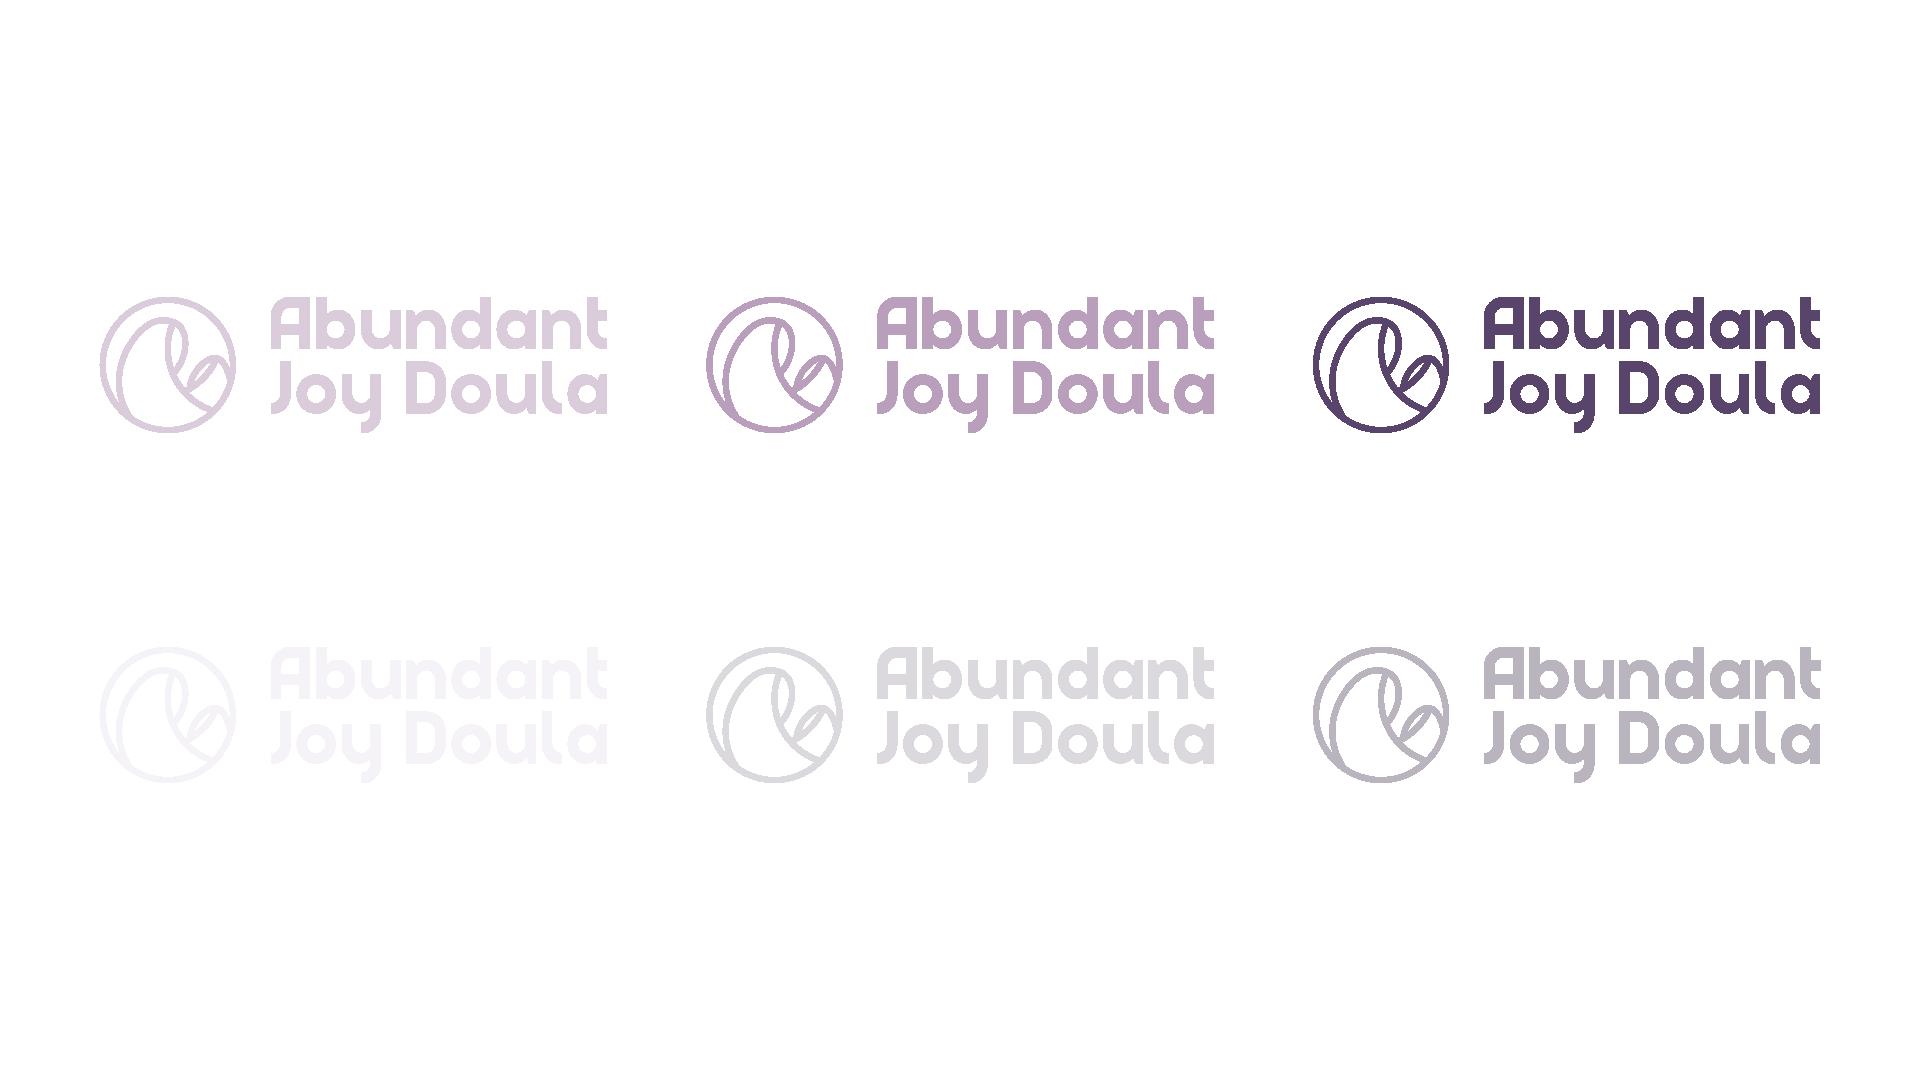 Abundant Joy Doula Case Study Image